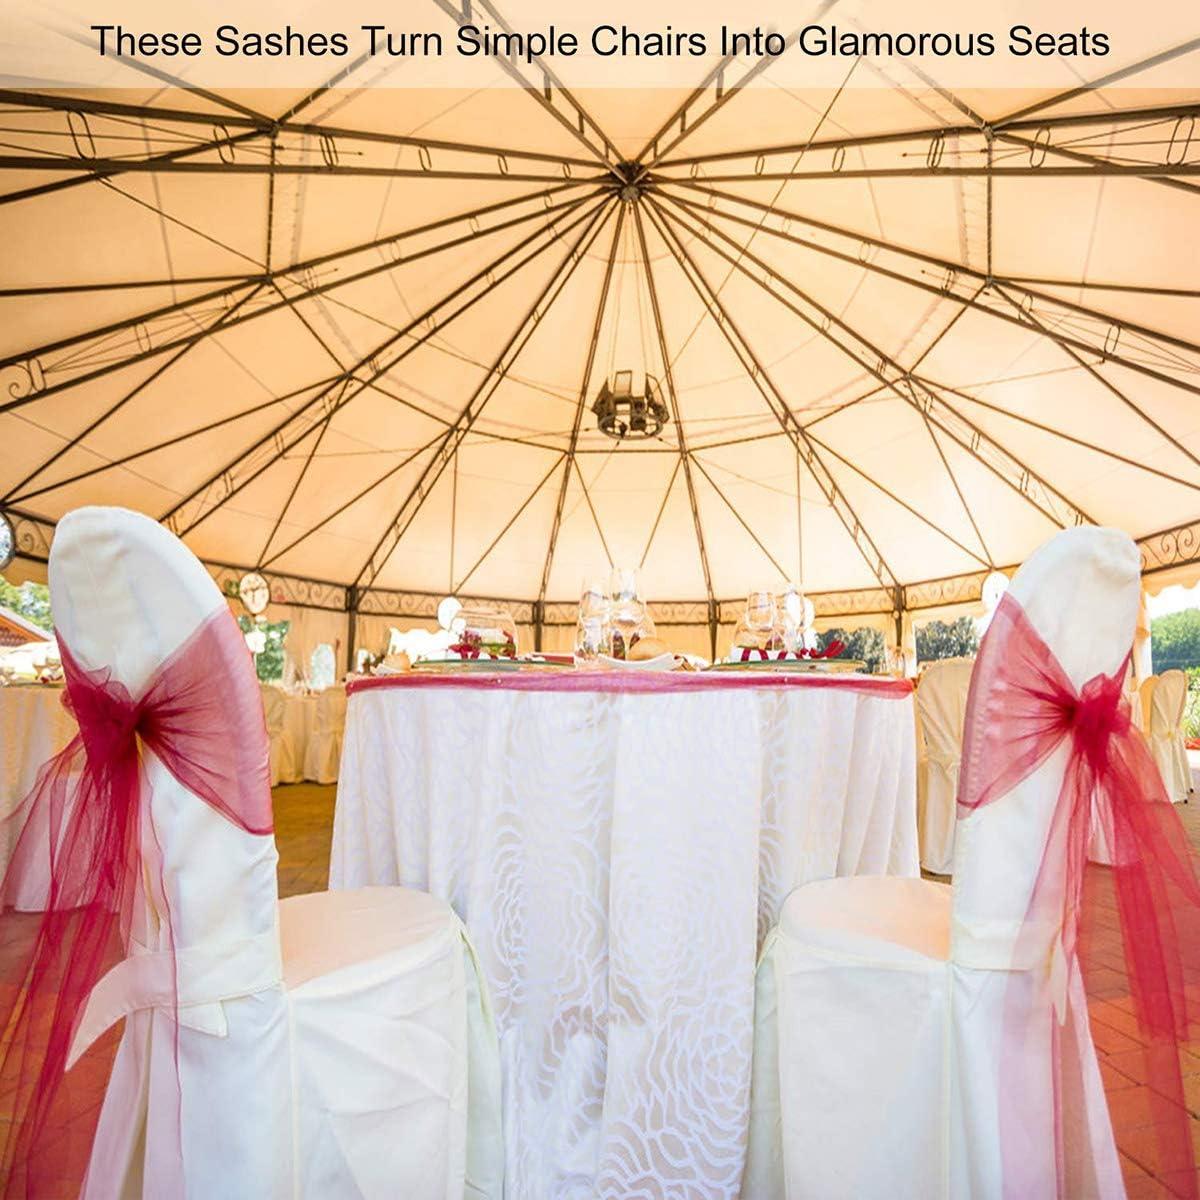 Rosa Chiaro 108 Sedia Organza Fiocco BIT.FLY 50 Pezzi 7 Organza Poltrona Fiocchi per Matrimoni Feste di Compleanno Decorazione